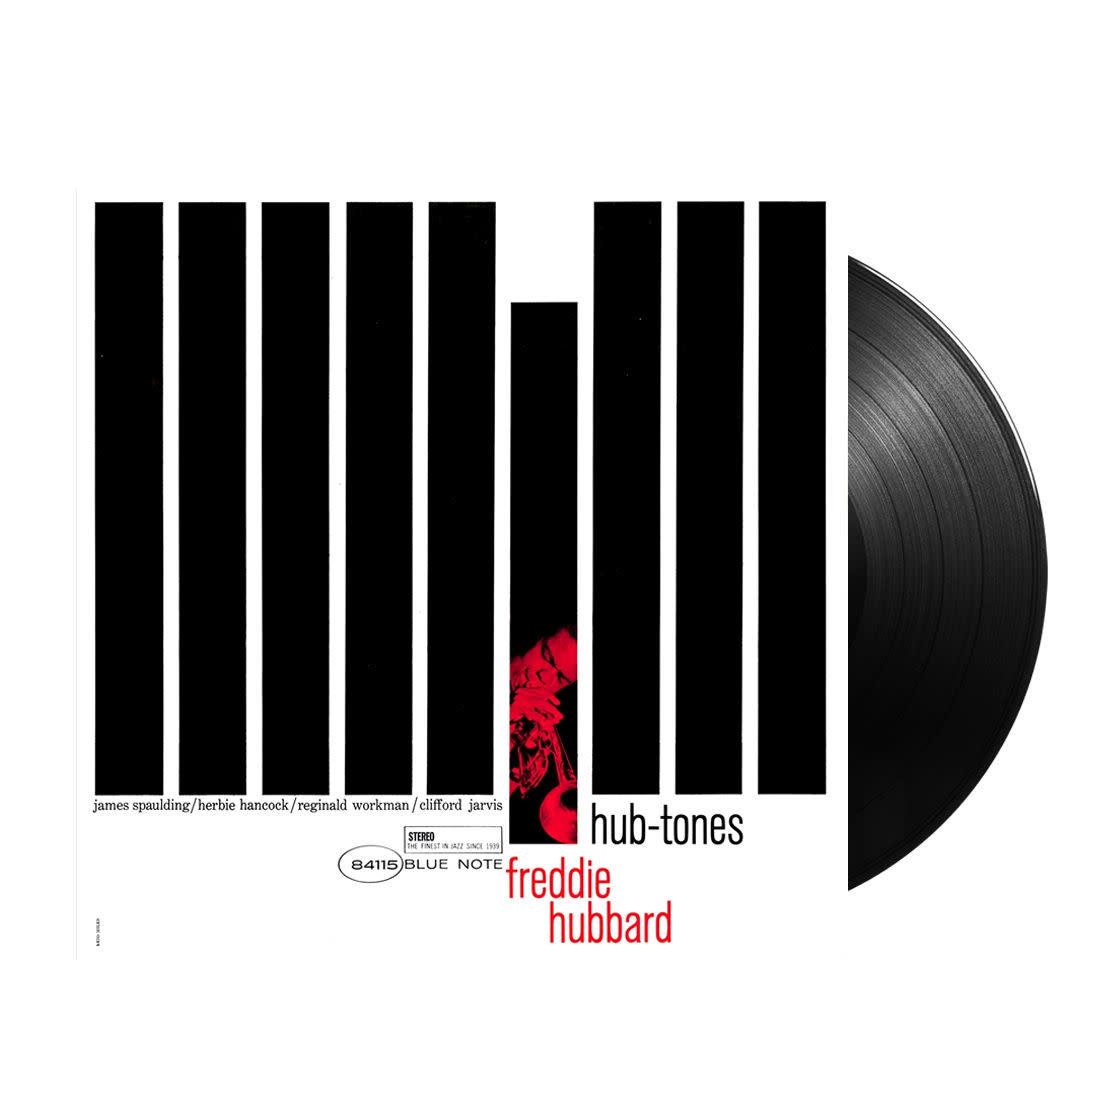 Jazz Freddie Hubbard - Hub-Tones (2019 Blue Note)